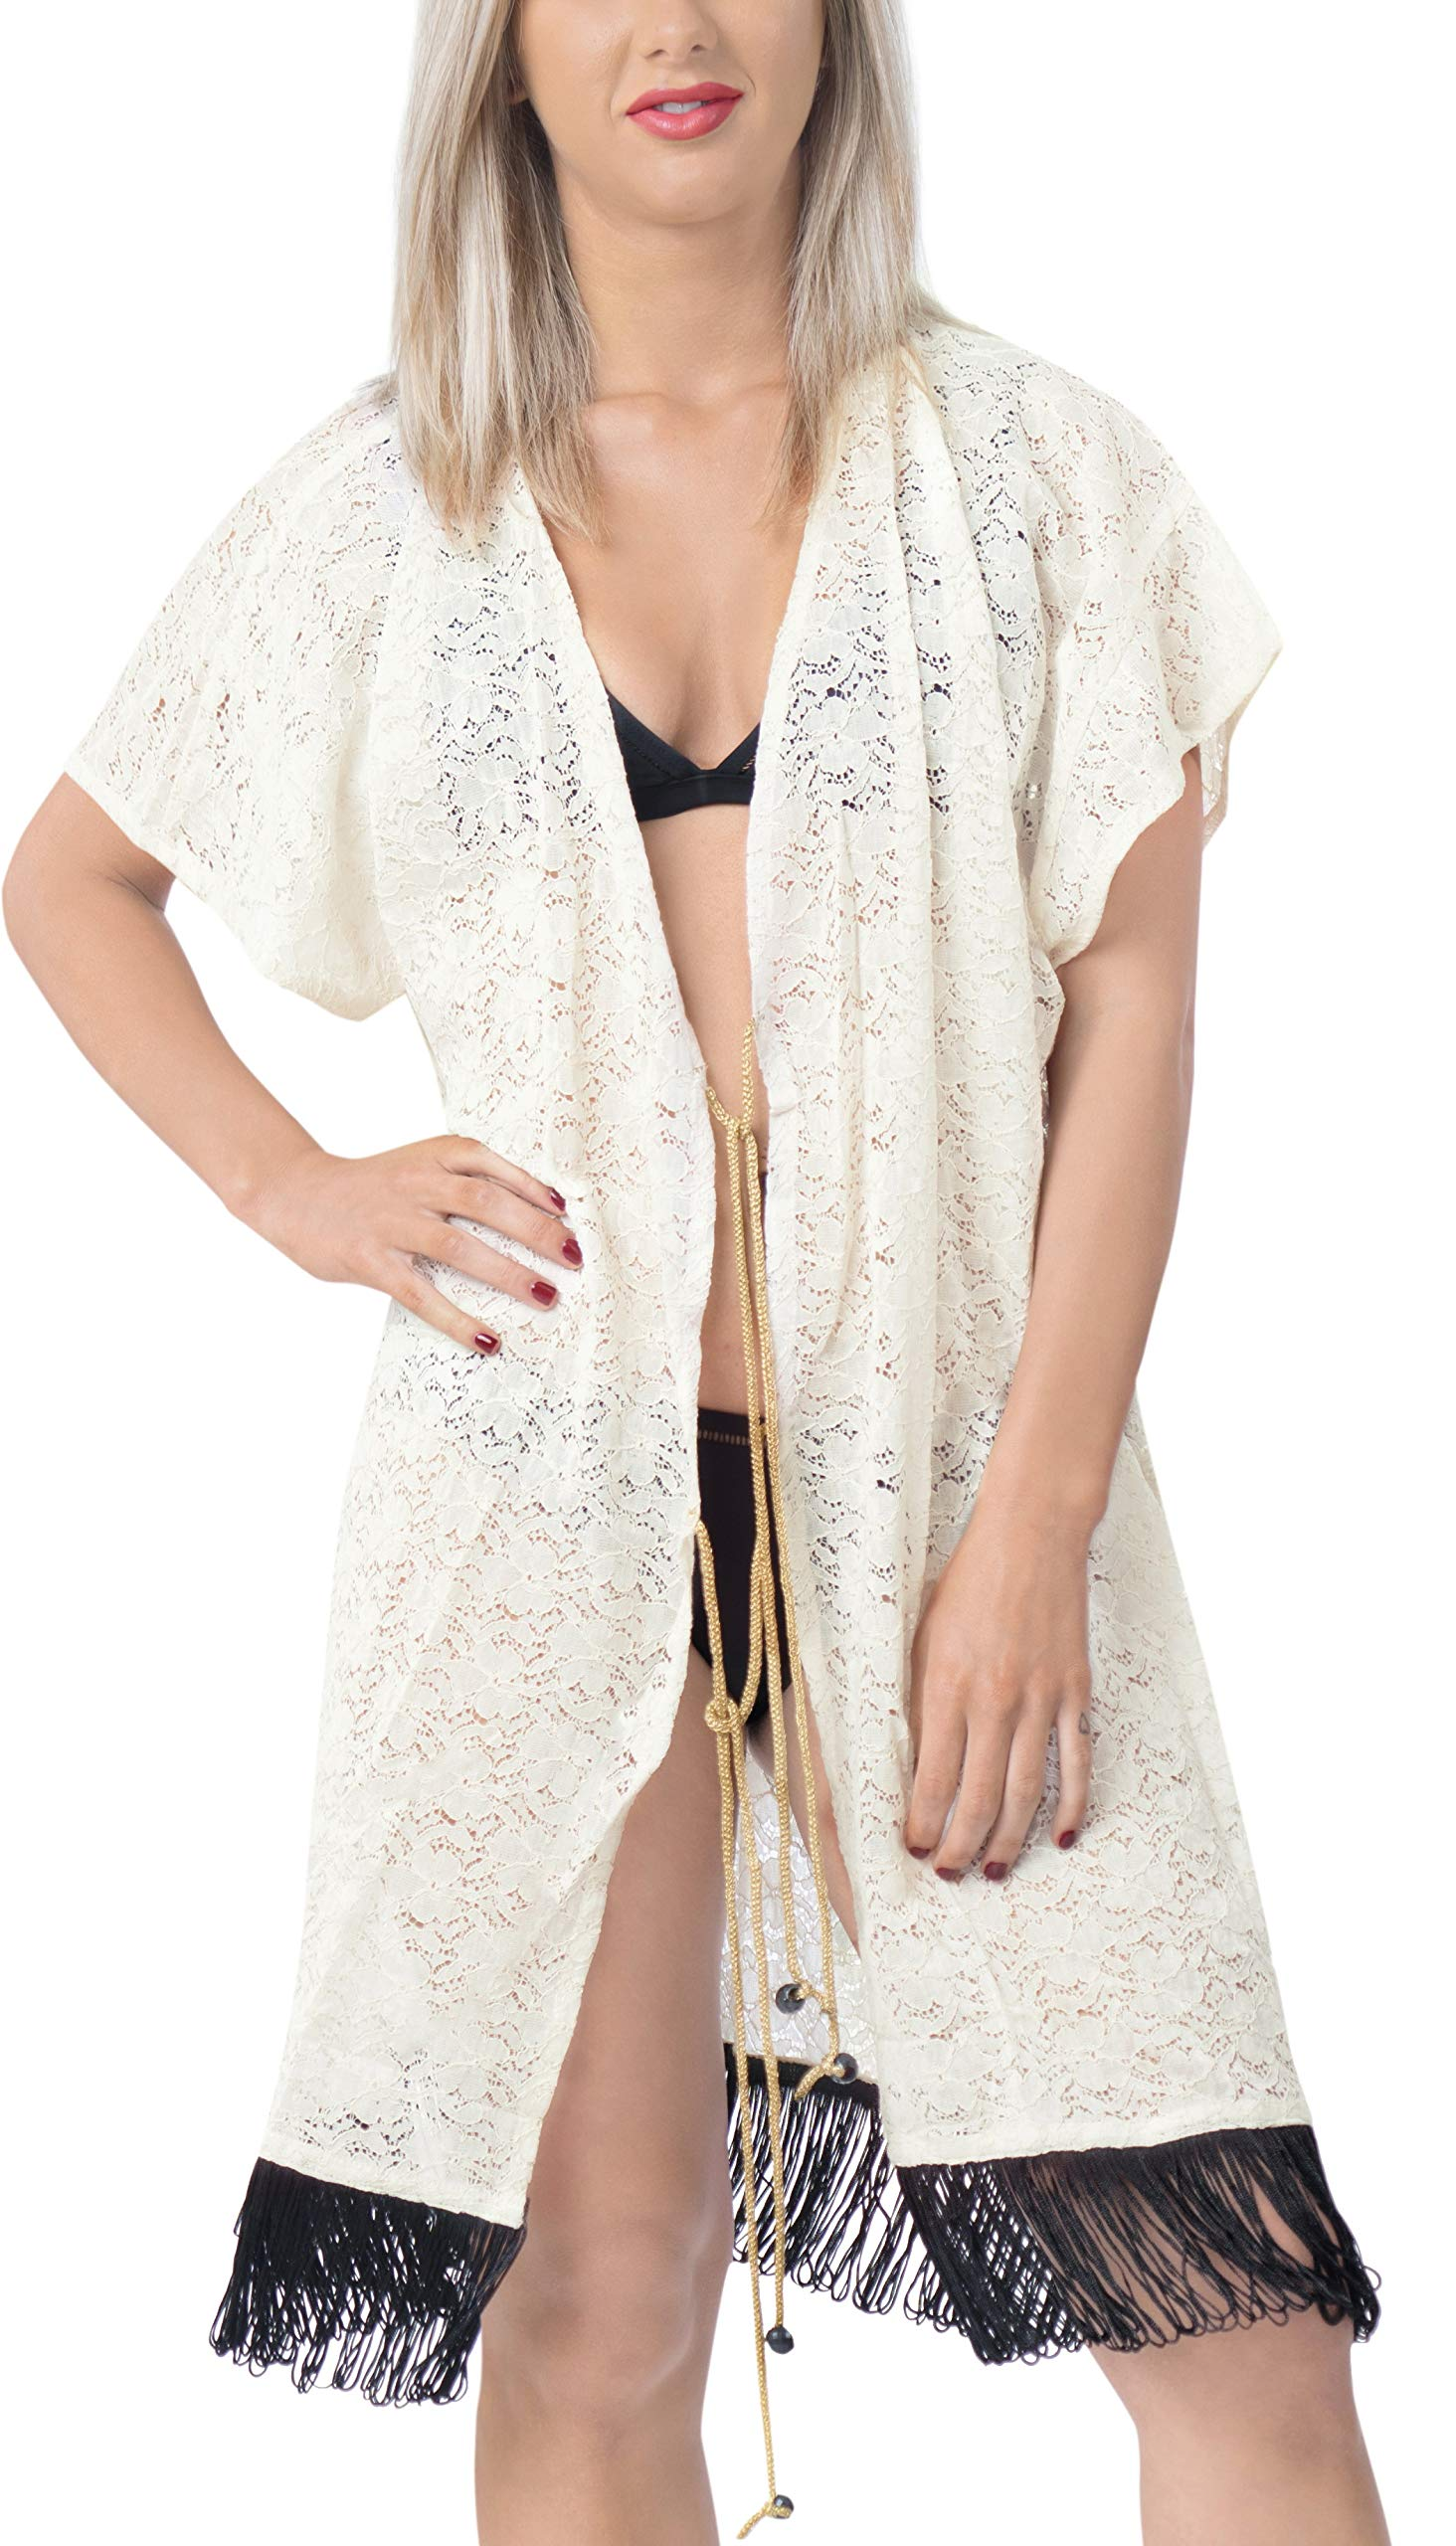 LA LEELA Copricostume Mare Cardigan Donna Taglie Forti- Vintage Chiffon Estivo Scialle Elegante Solido Kimono Vestito… 2 spesavip